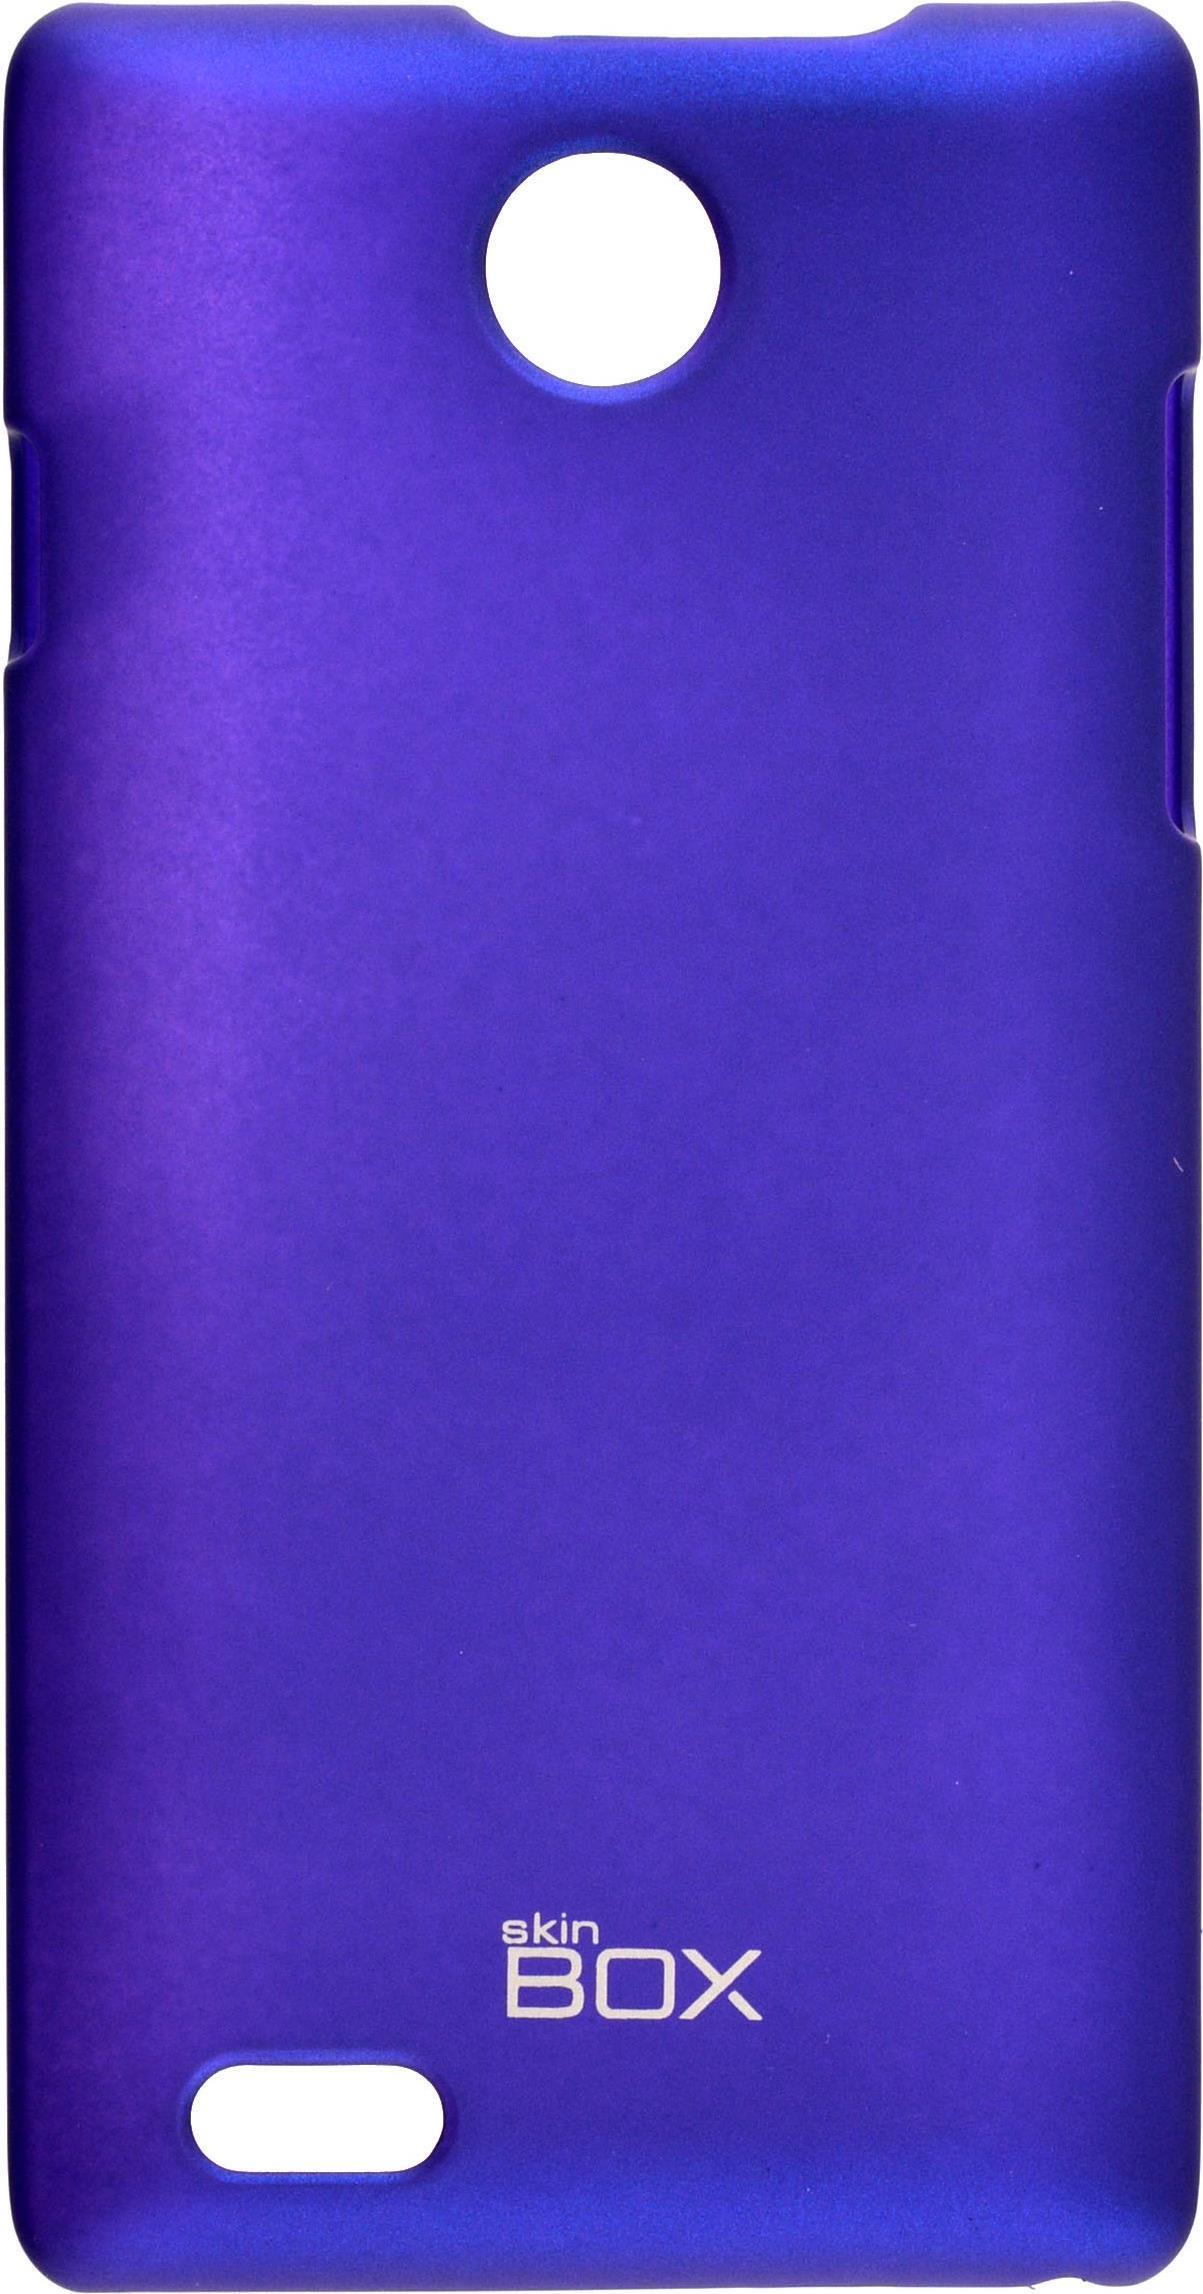 Чехол для сотового телефона skinBOX 4People, 4630042526877, синий чехол для sony e6683 xperia z5 skinbox 4people черный